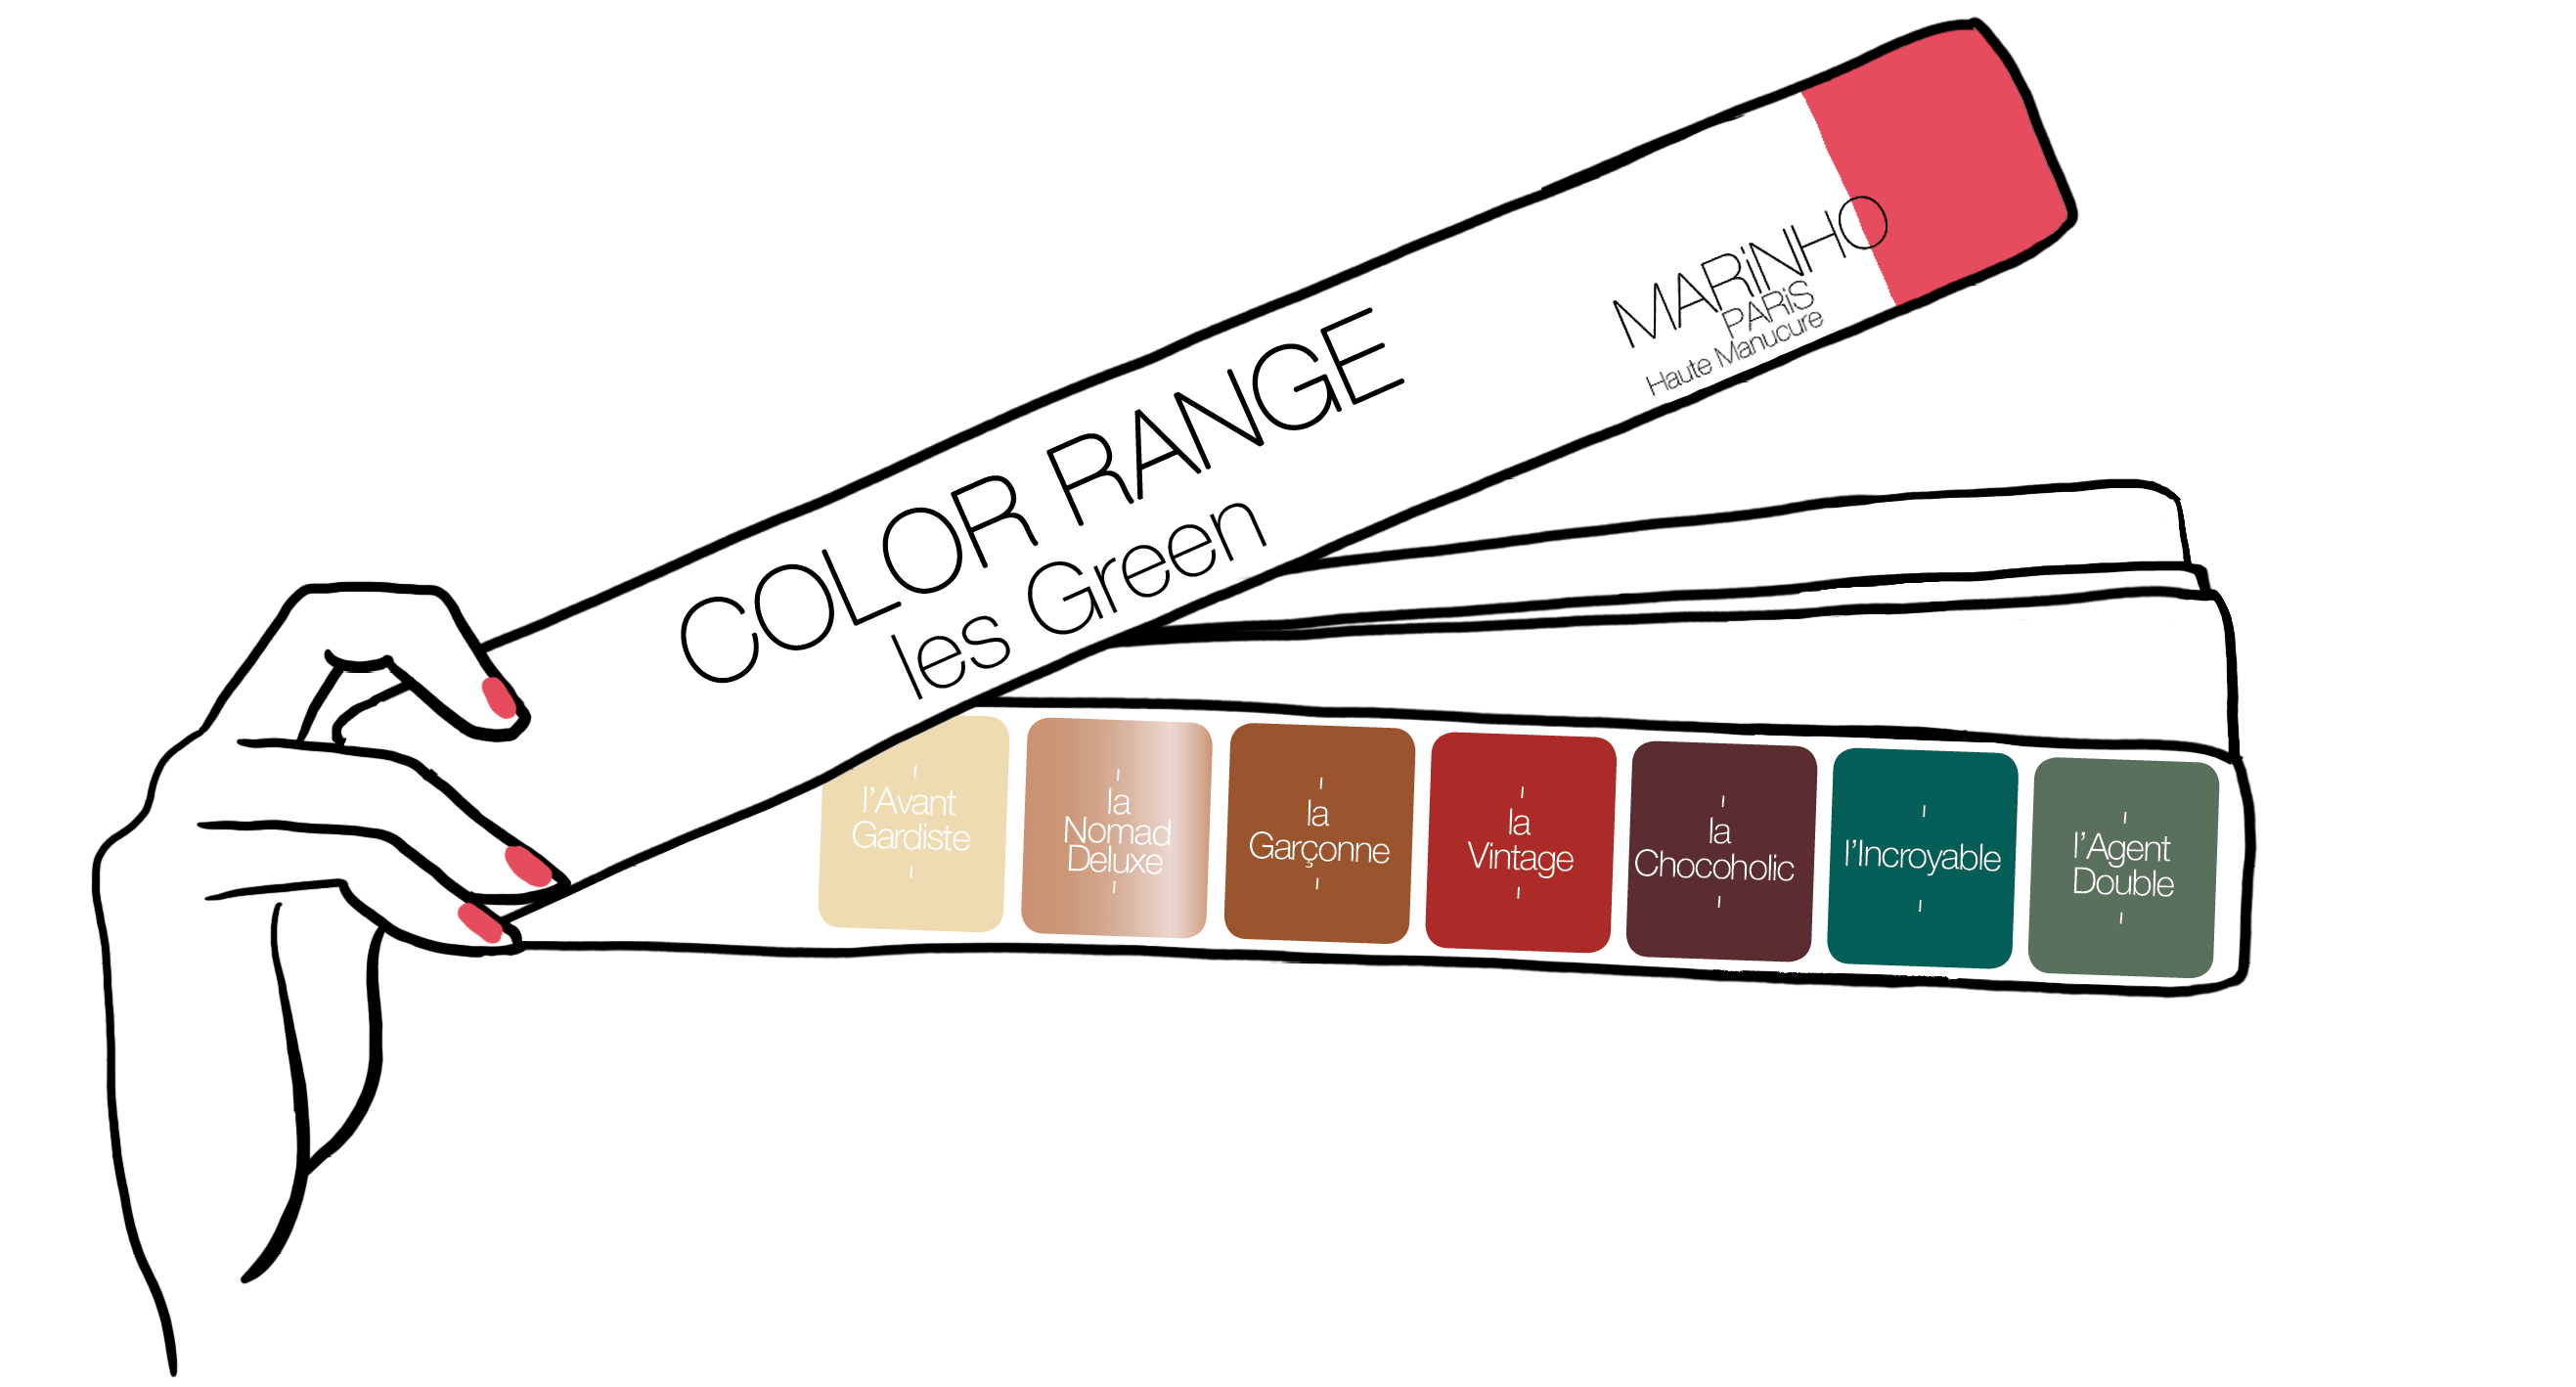 gamme couleur marinho paris été 2019 pour la croisière. Vernis nude, rouge, marron, vert